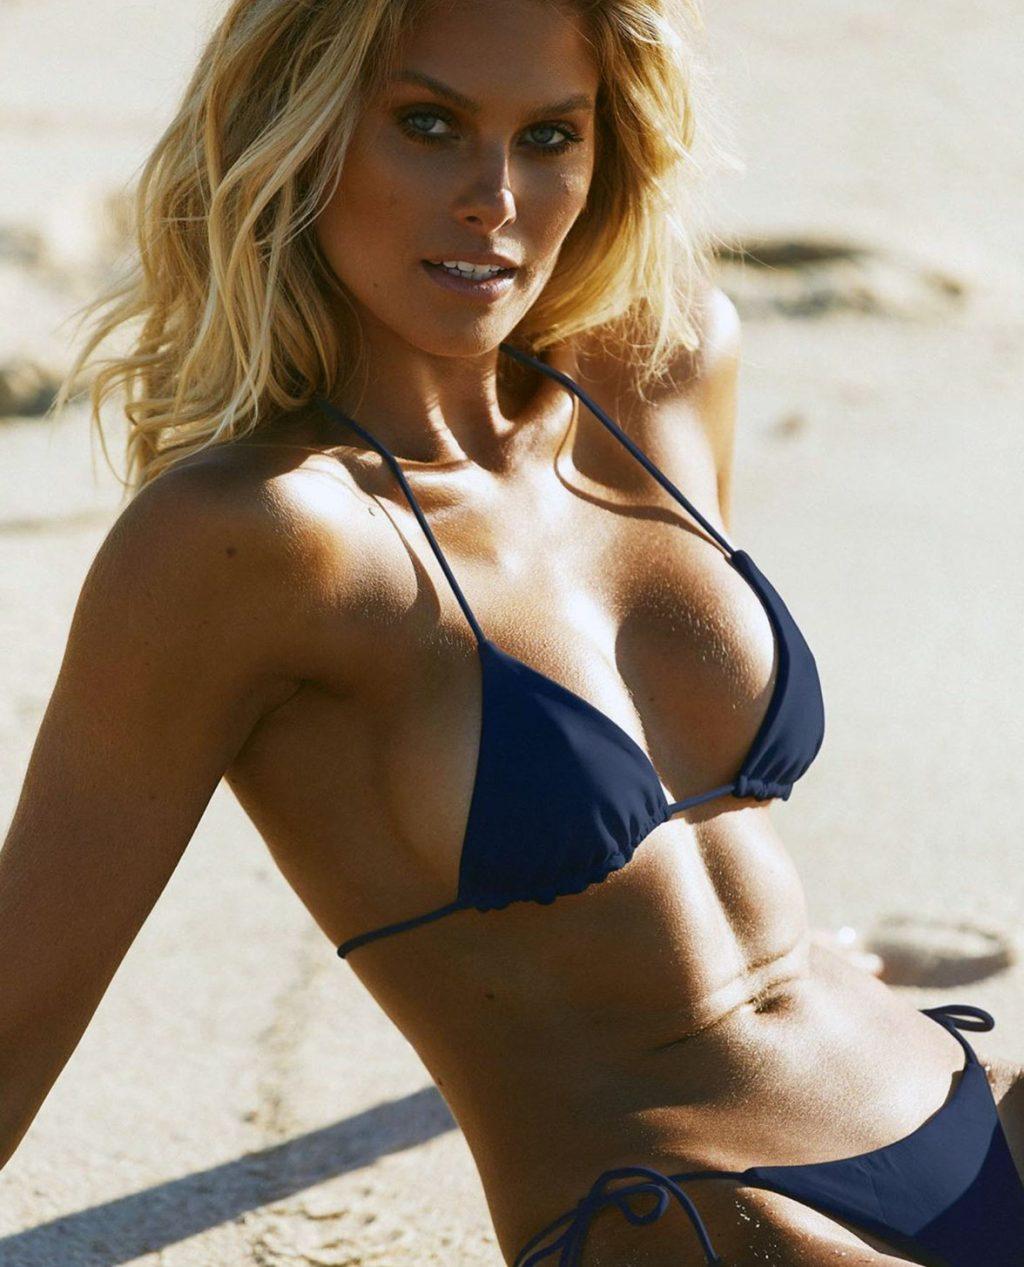 Natalie Roser cleavage